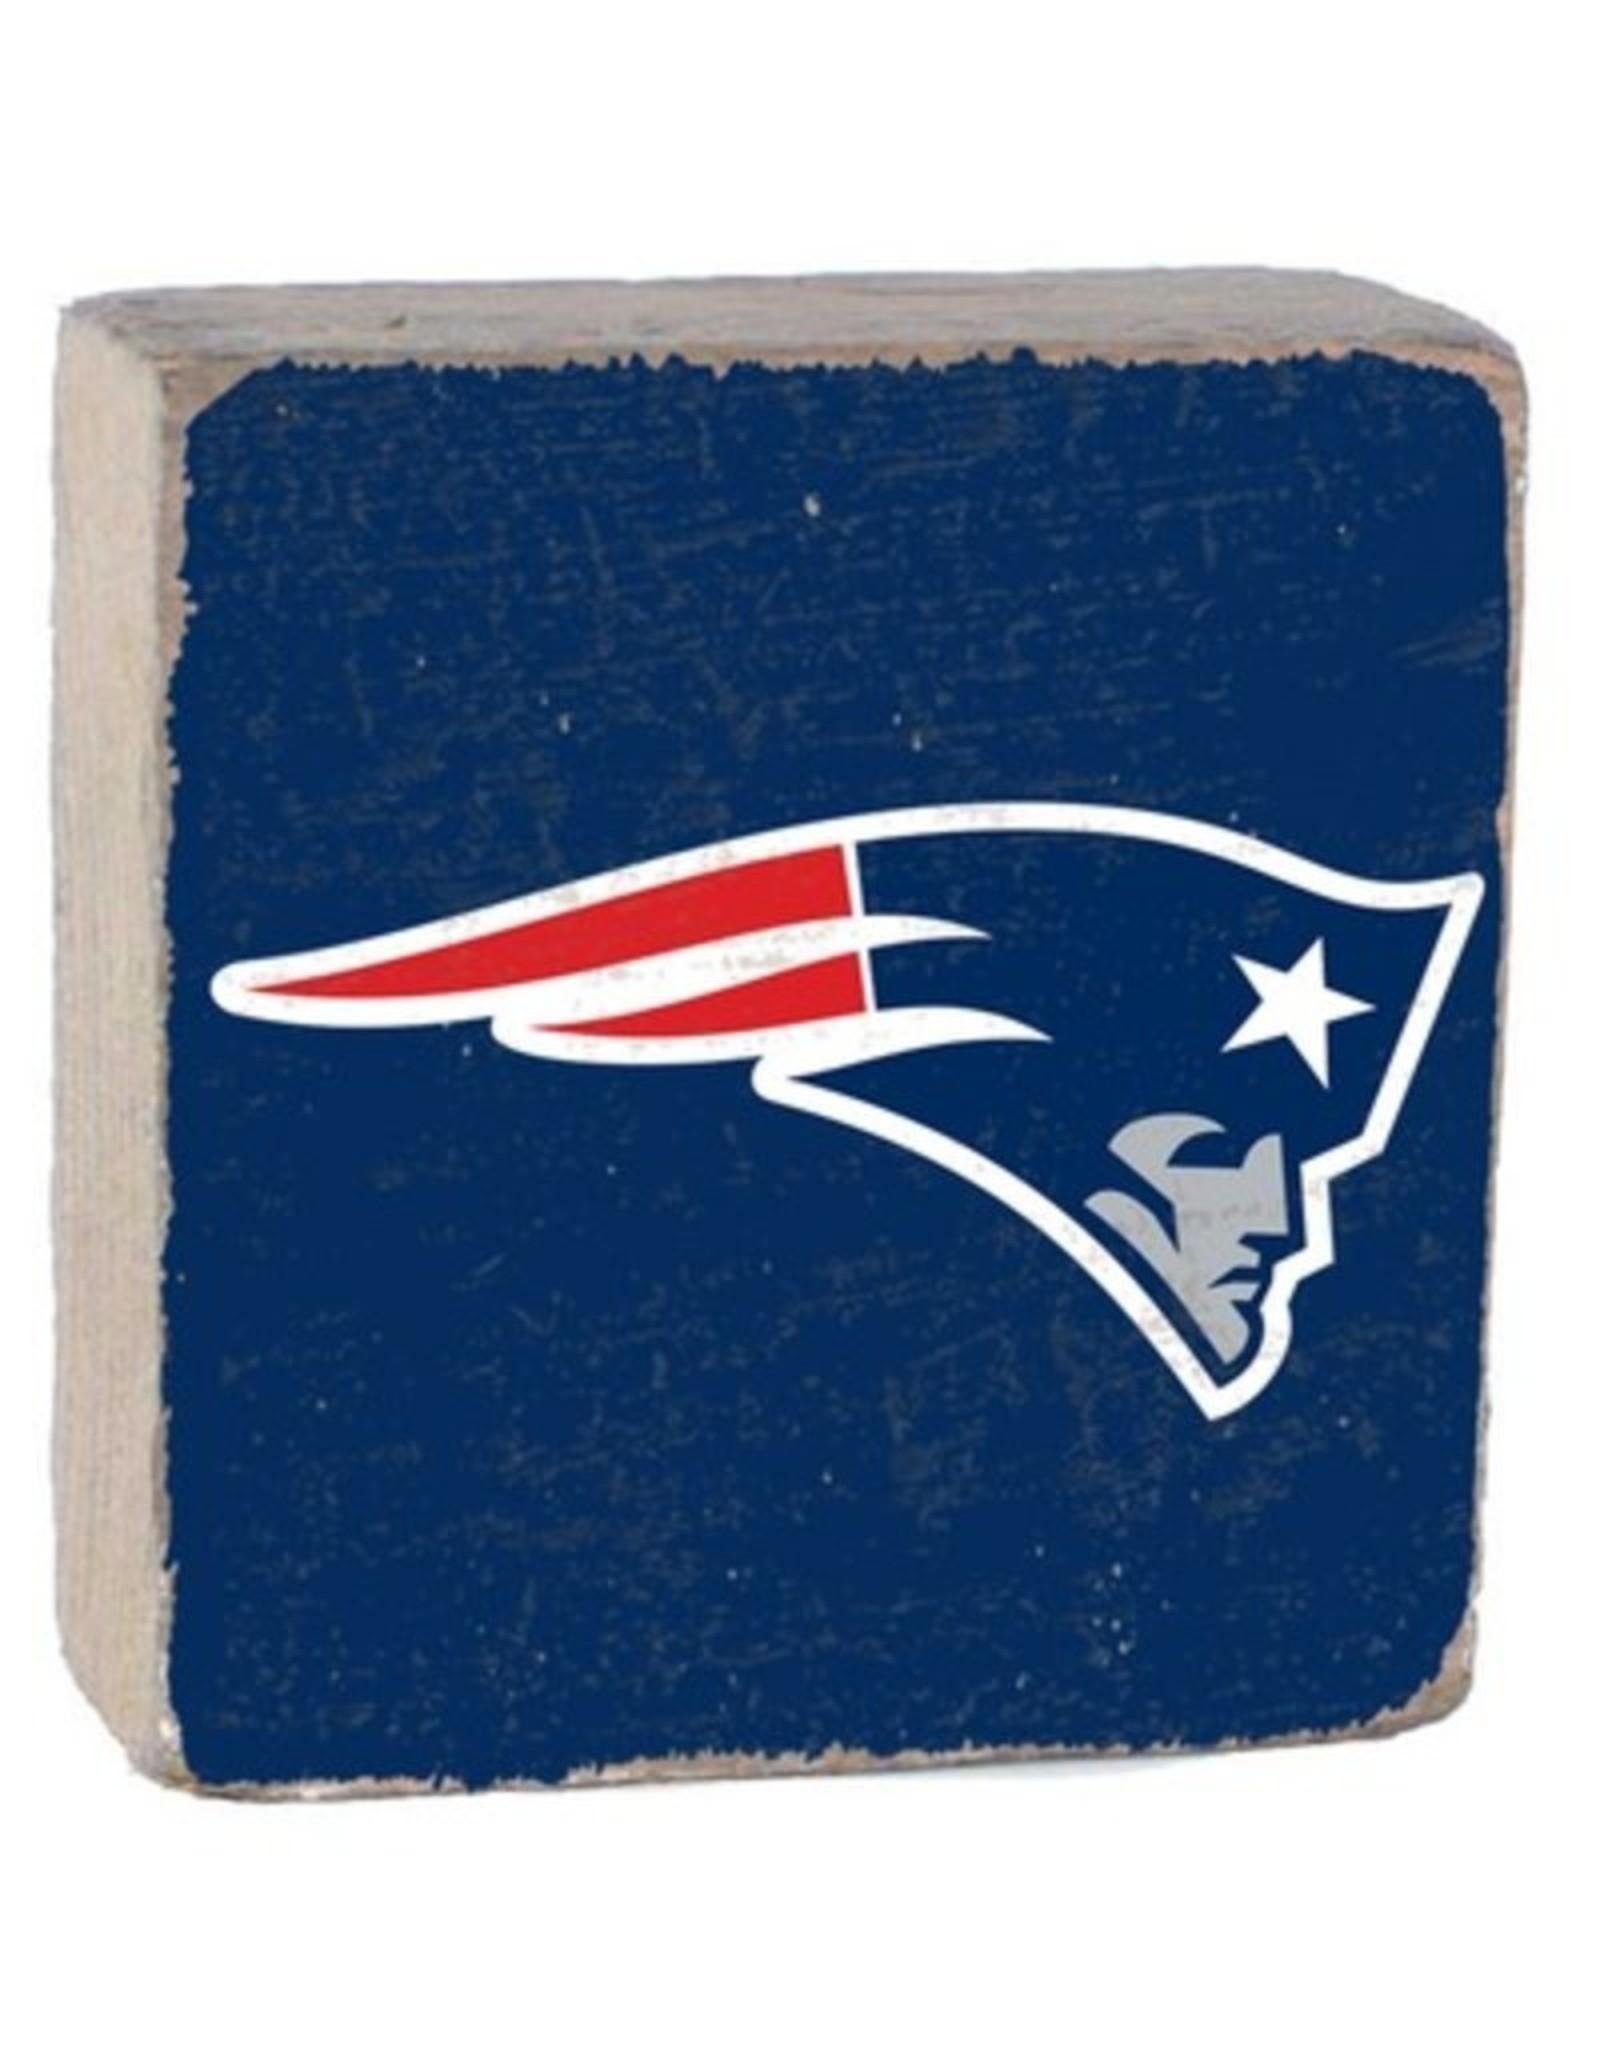 Rustic Marlin Rustic Marlin - NFL Patriots Block - Blue